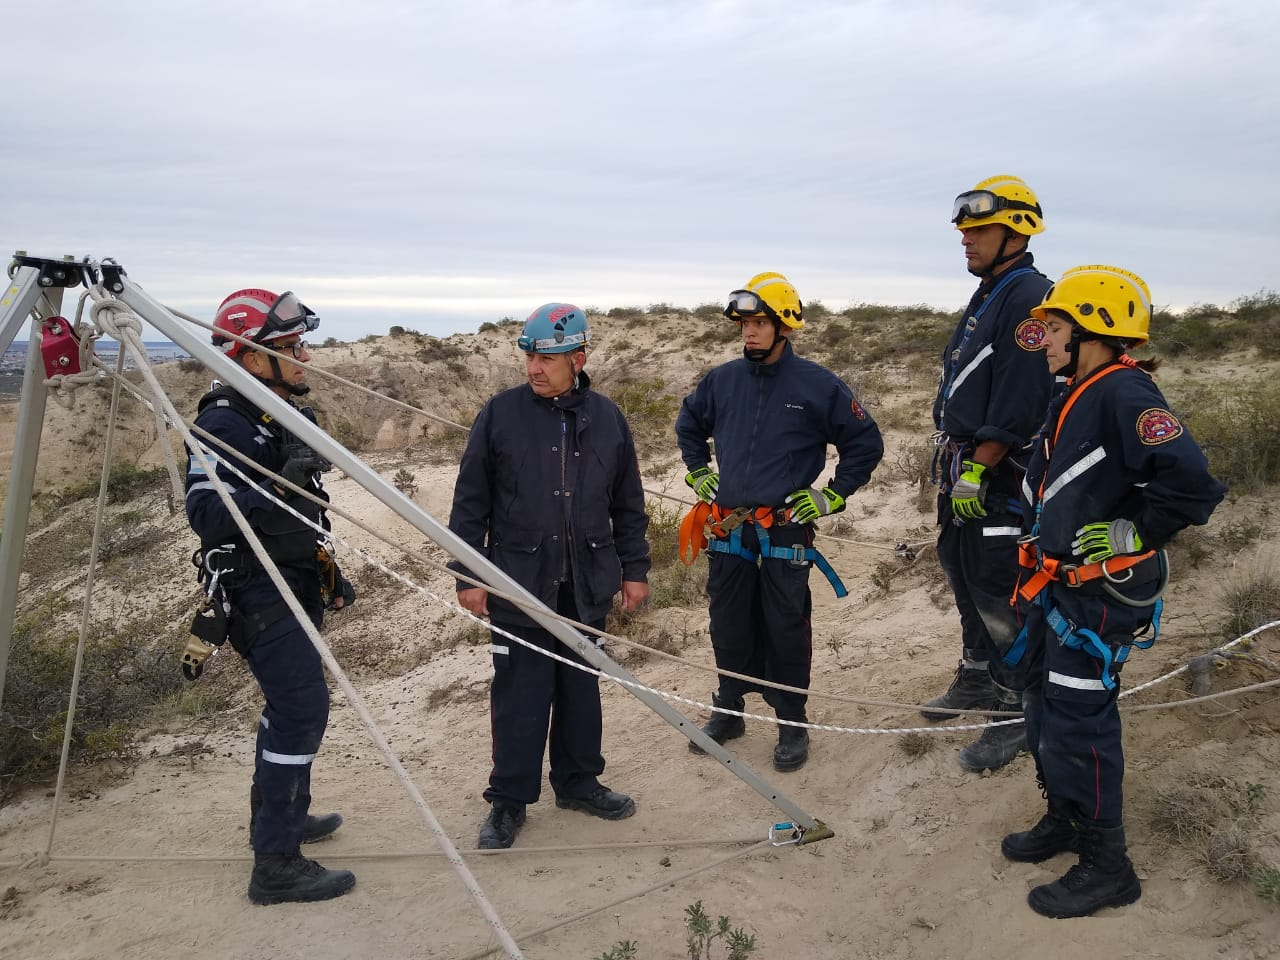 La Brigada de Cuerdas muy activa el fin de semana en Madryn